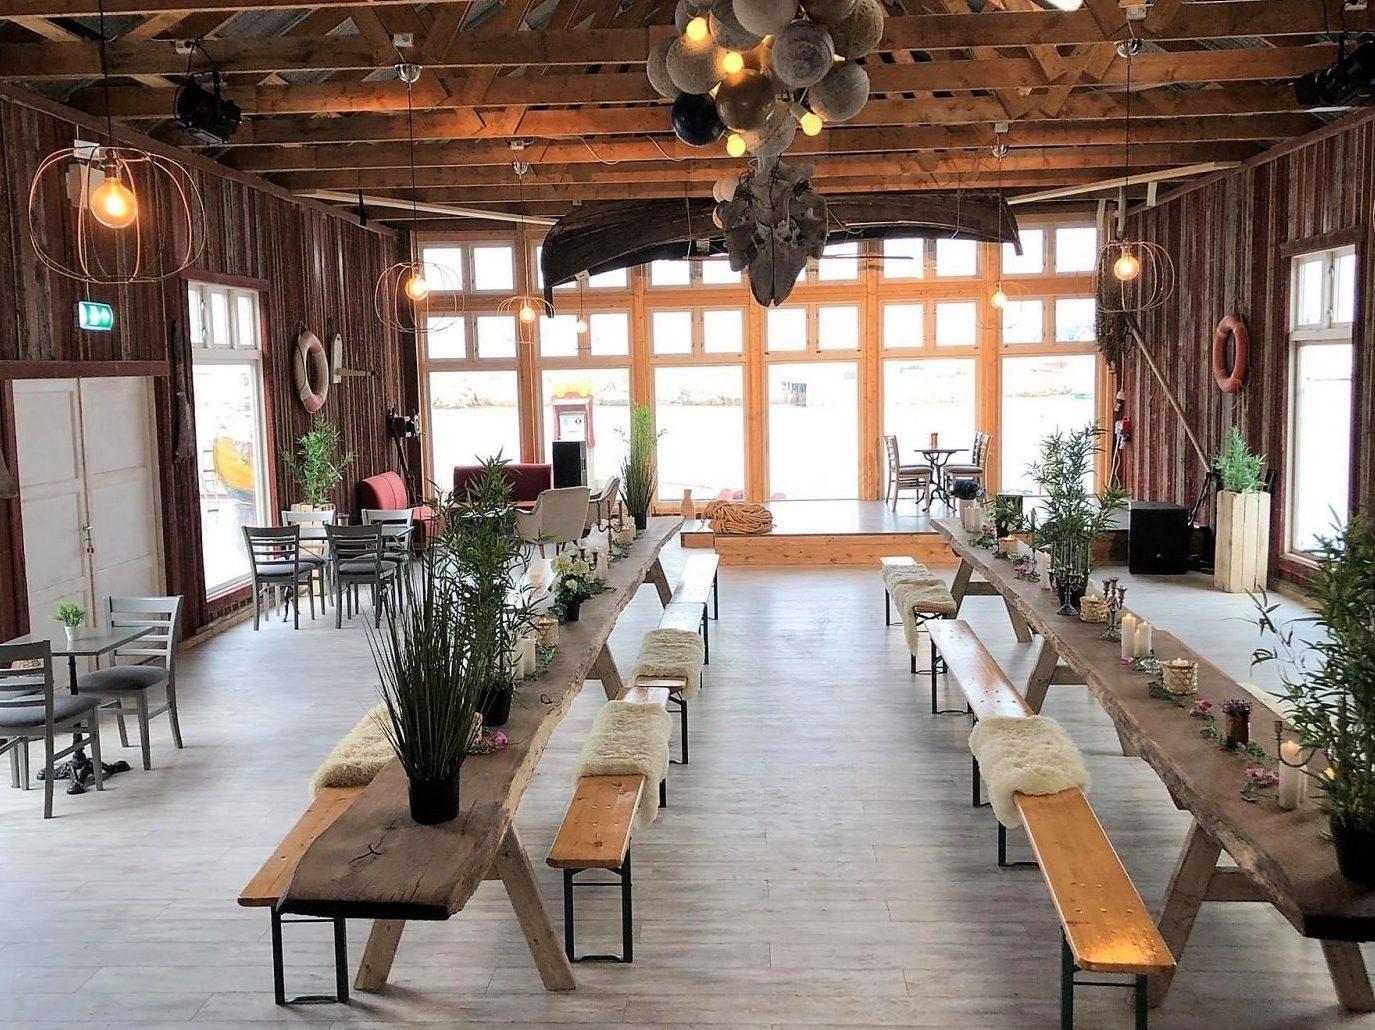 Kvitbrygga på Terna Brygge på Sula. Sjarmerende lokaler for firmasamlinger, festdager og andre arrangementer.